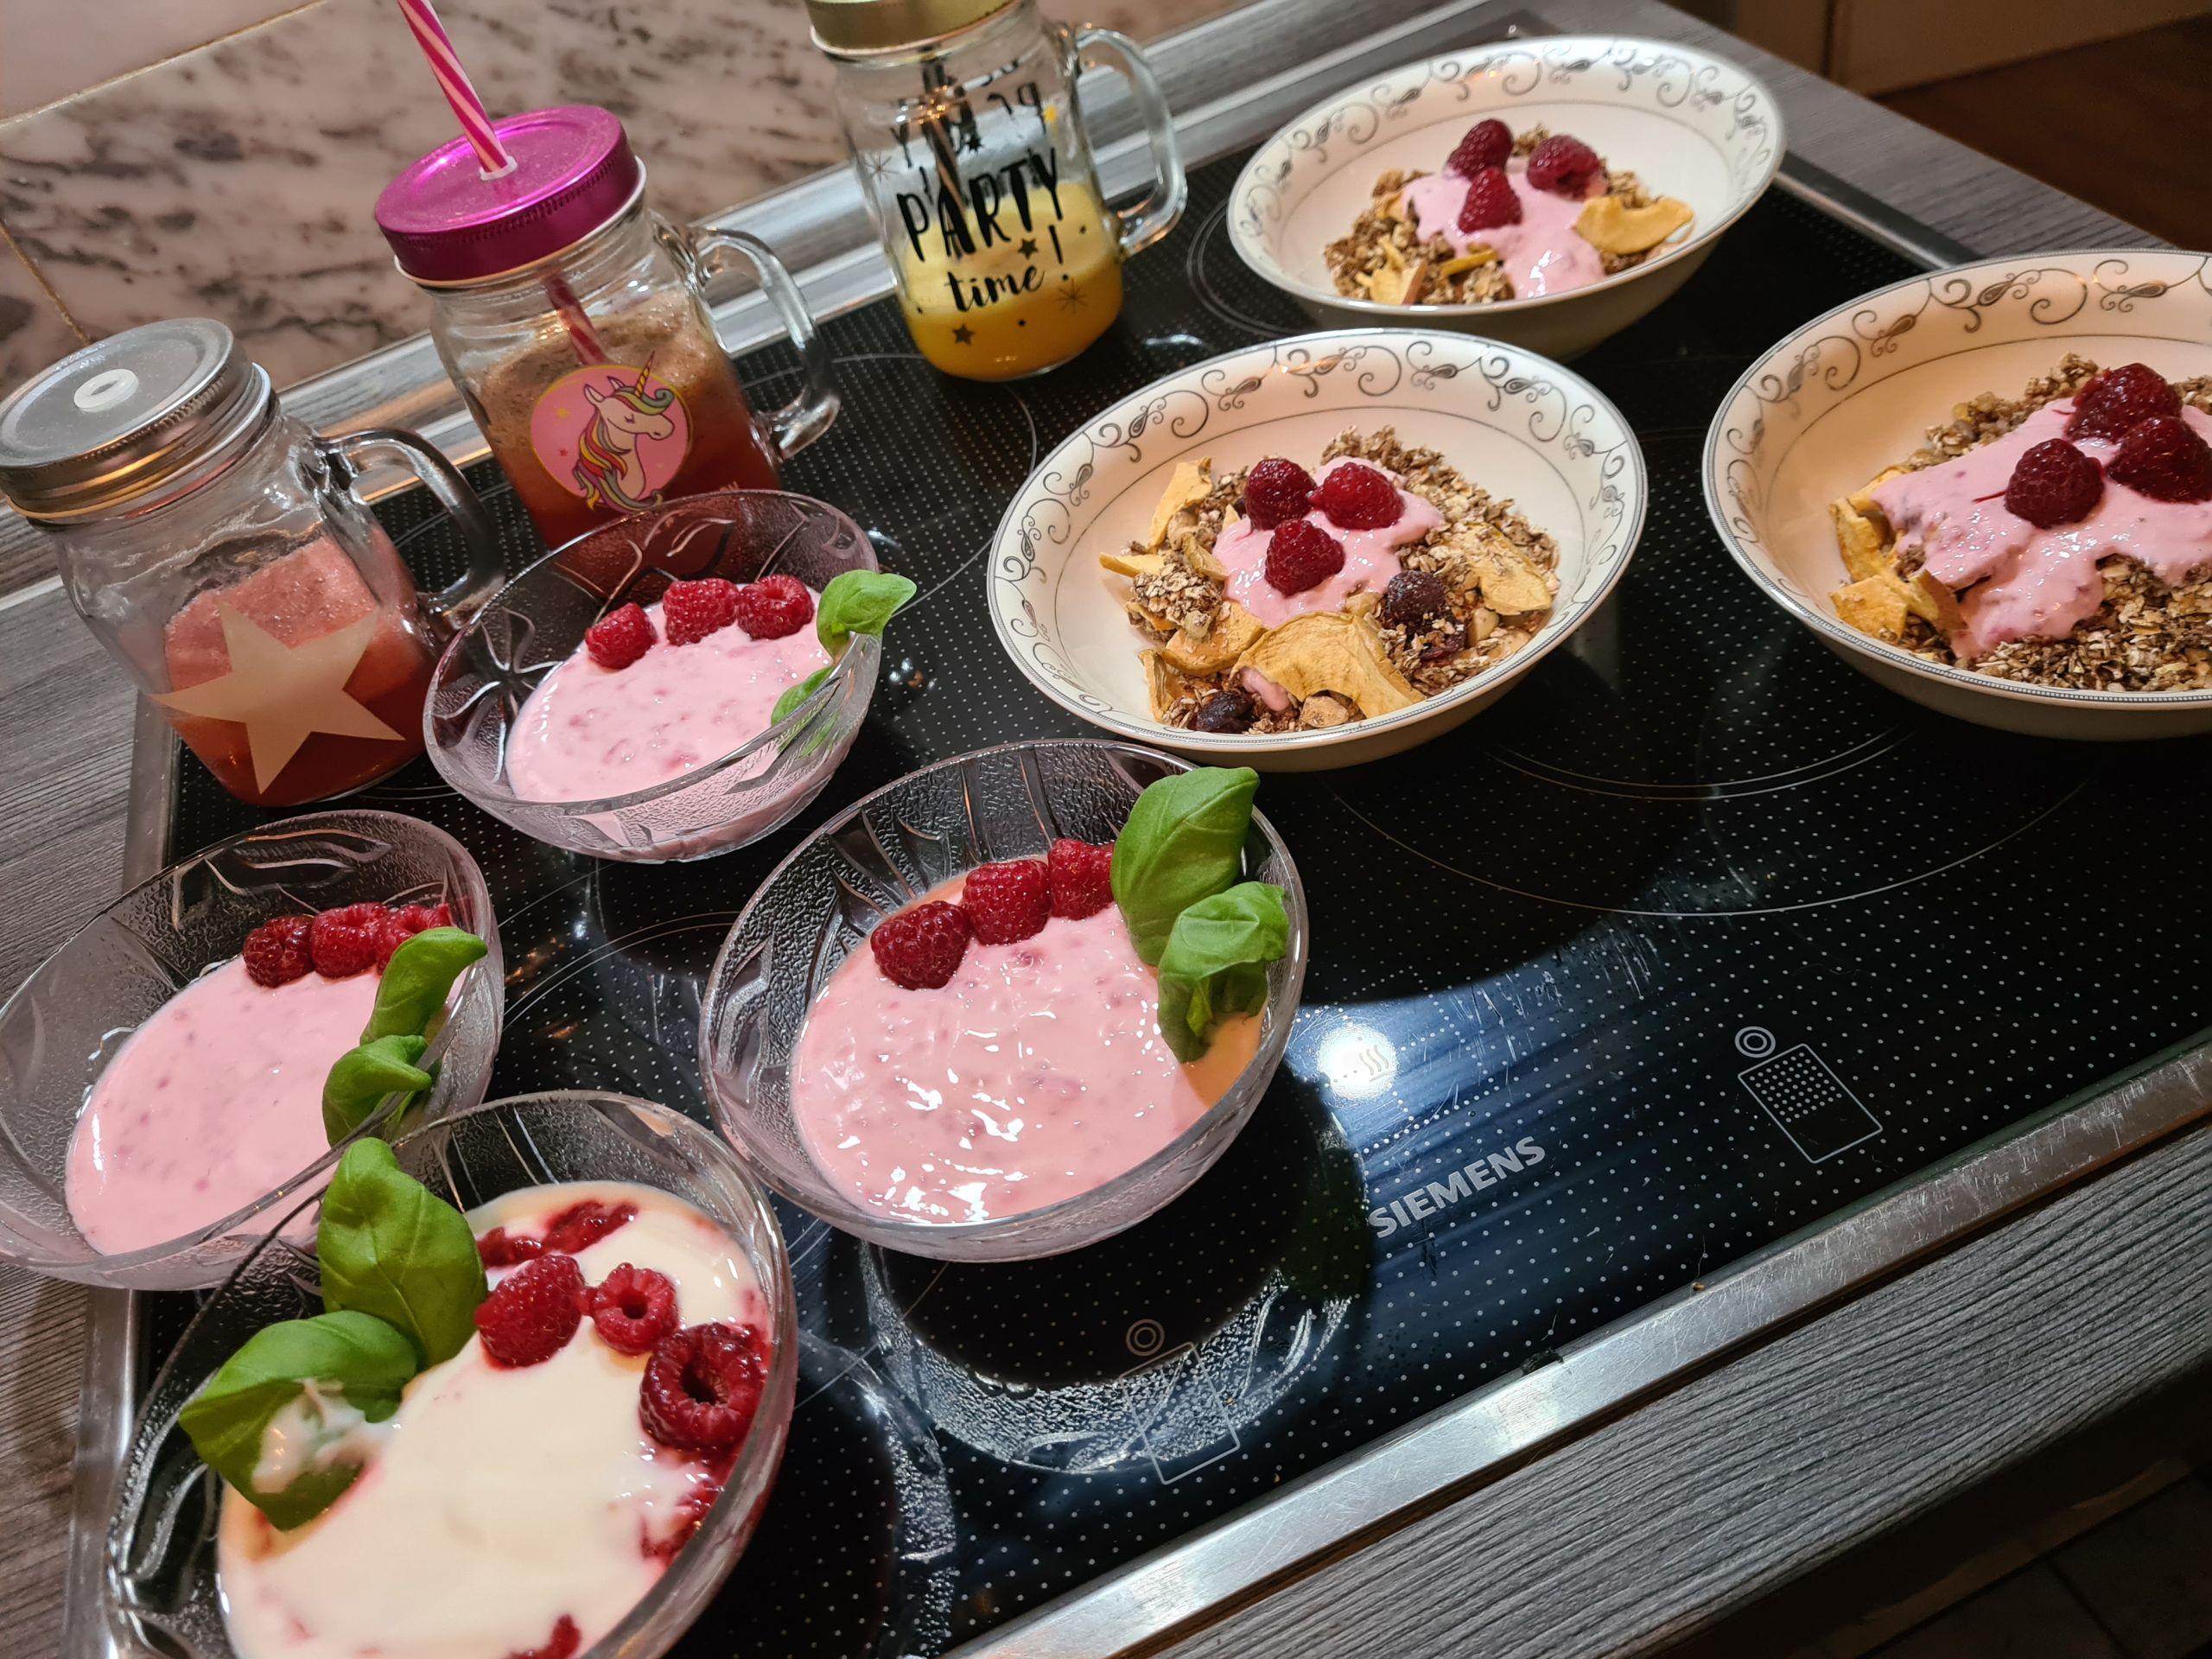 Gesundes Frühstück für Kinder von Kinder-Kochkurs.com